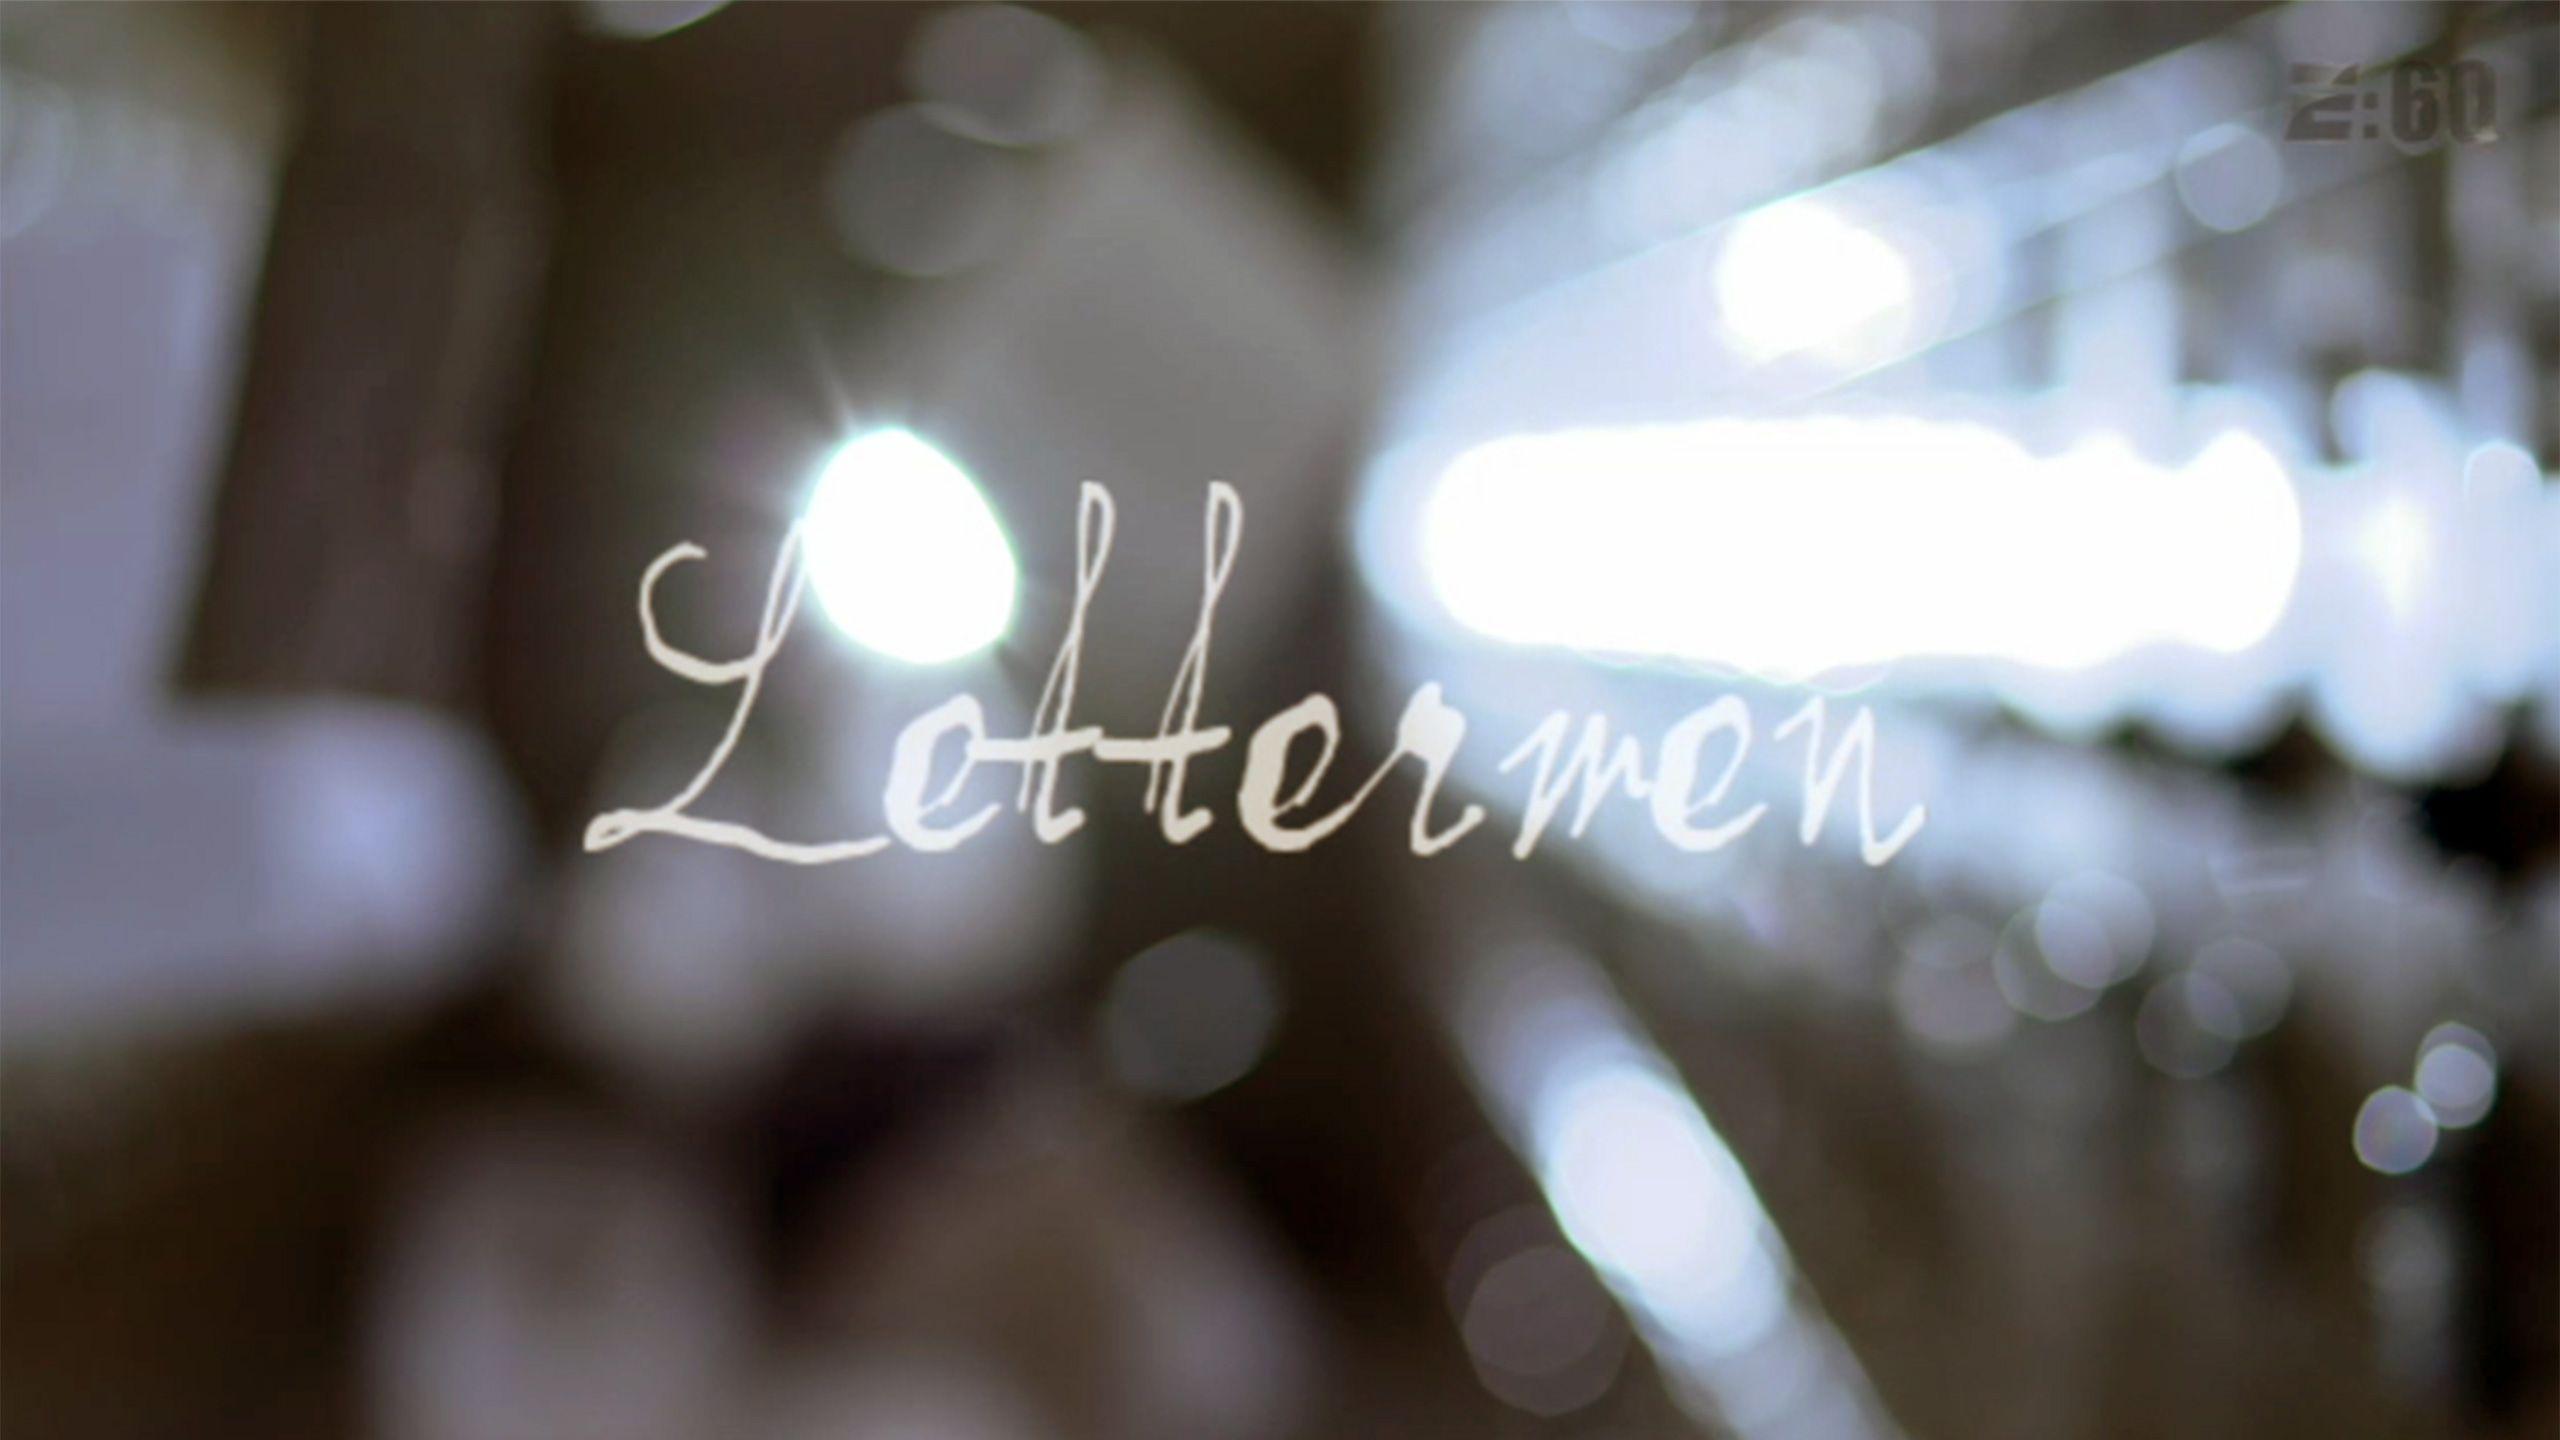 E:60 Pictures: Lettermen